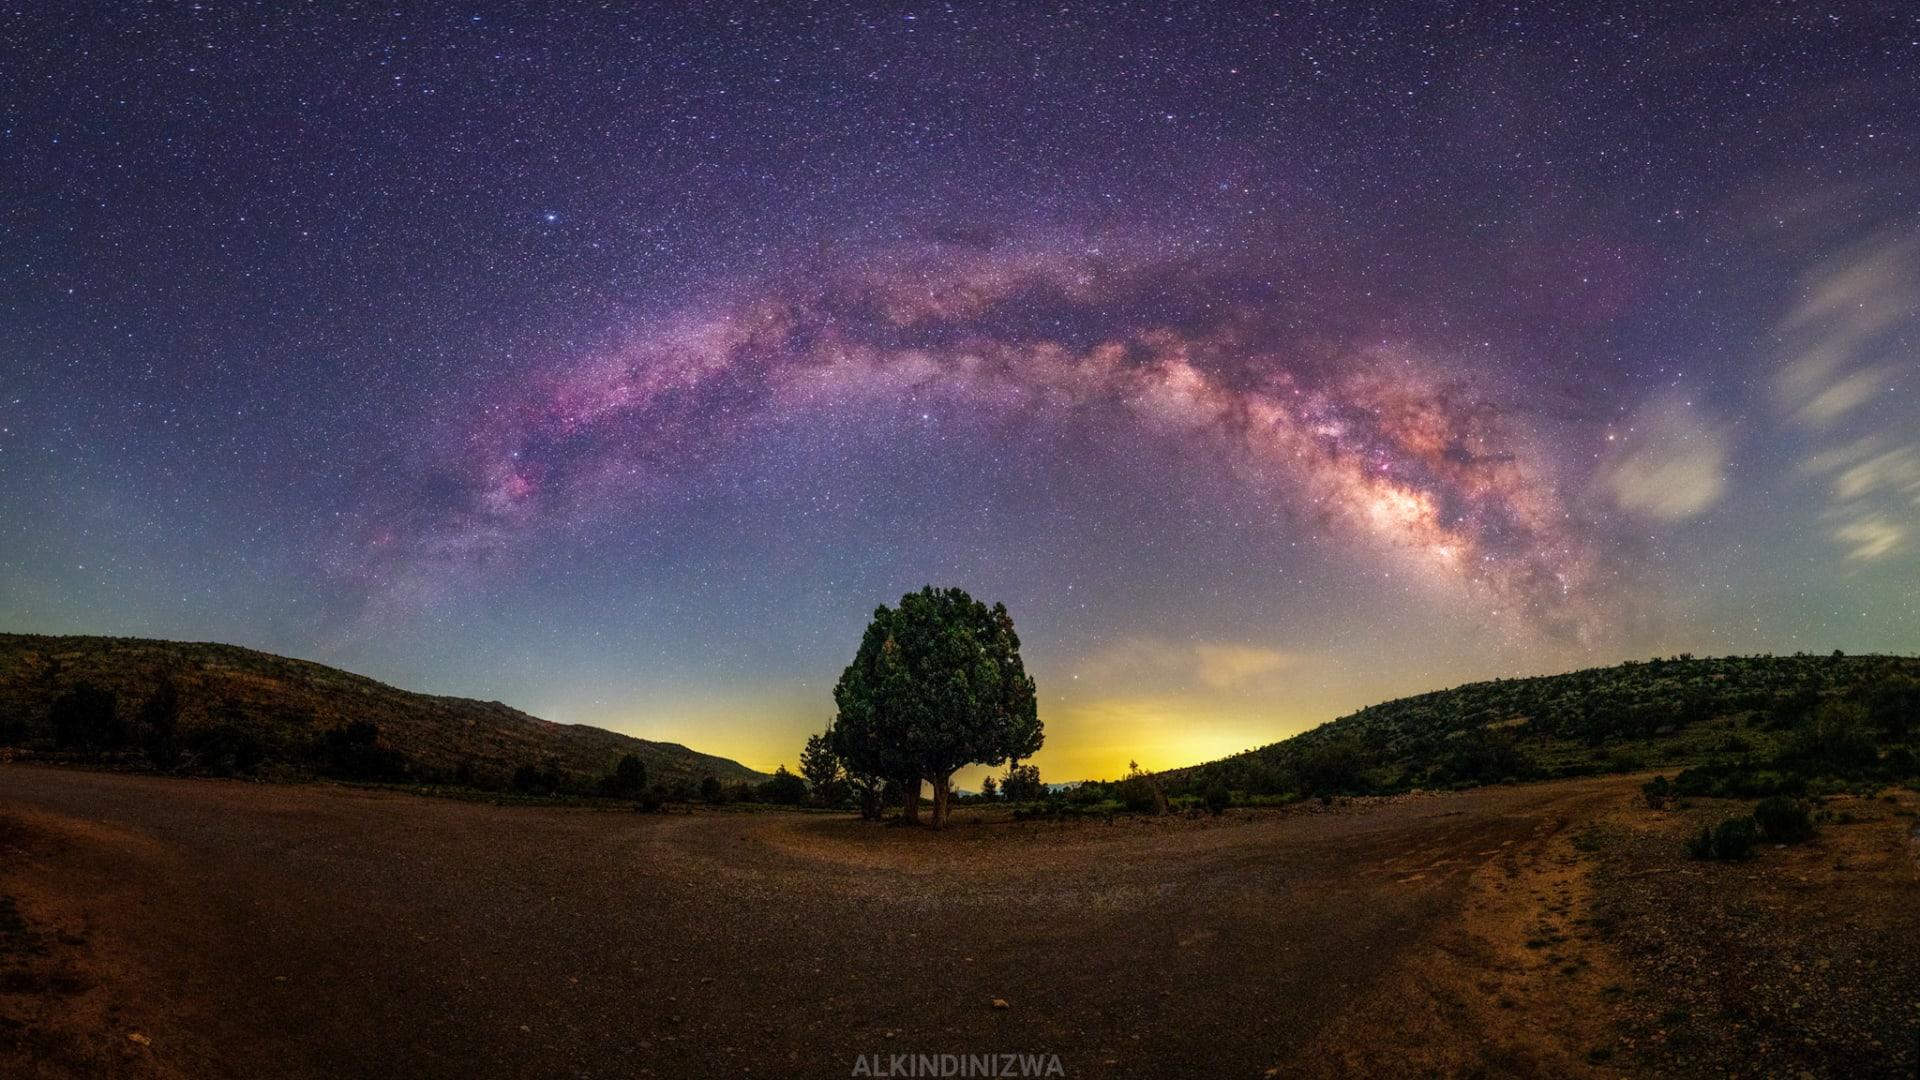 في سلطنة عُمان.. شاهد روائع الكون من محمية الحجر الغربي لأضواء النجوم